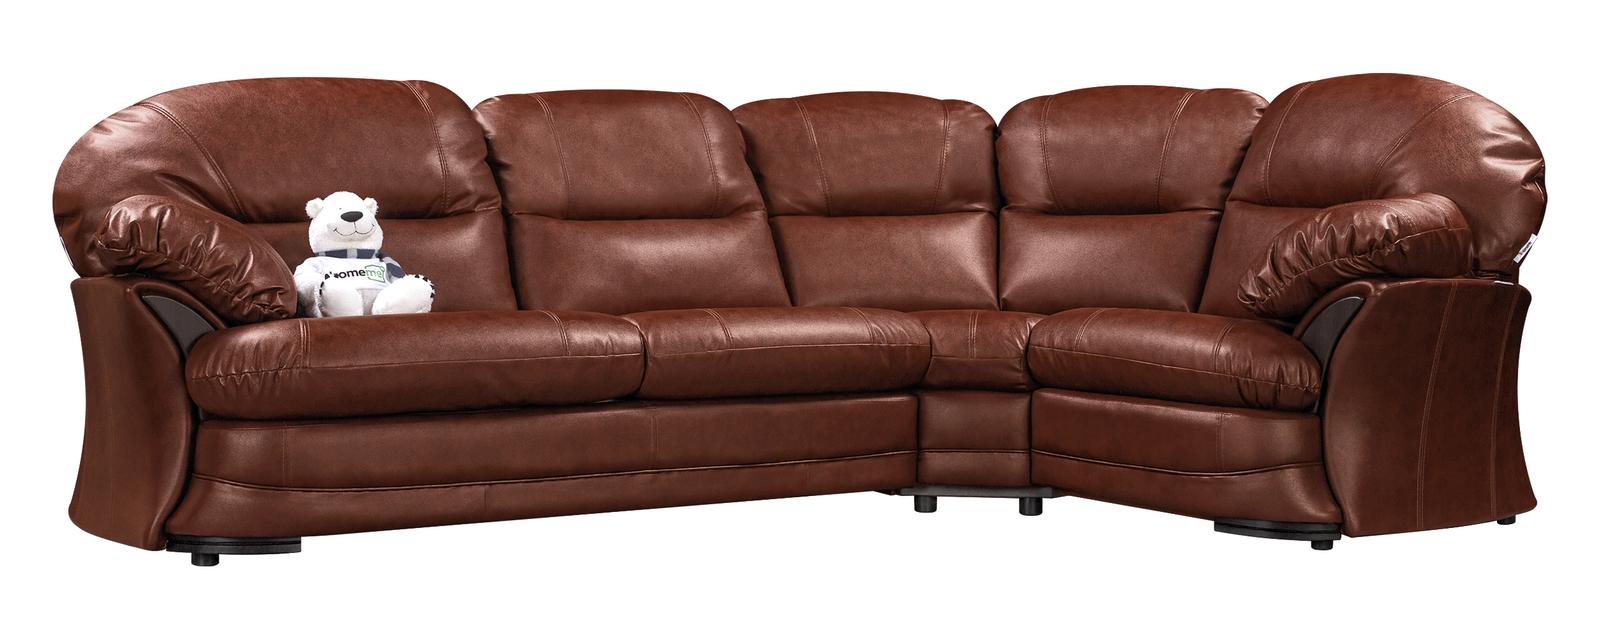 Купить диван кожаный угловой Ланкастер Коричневый (Натуральная кожа ... fd50c04905d